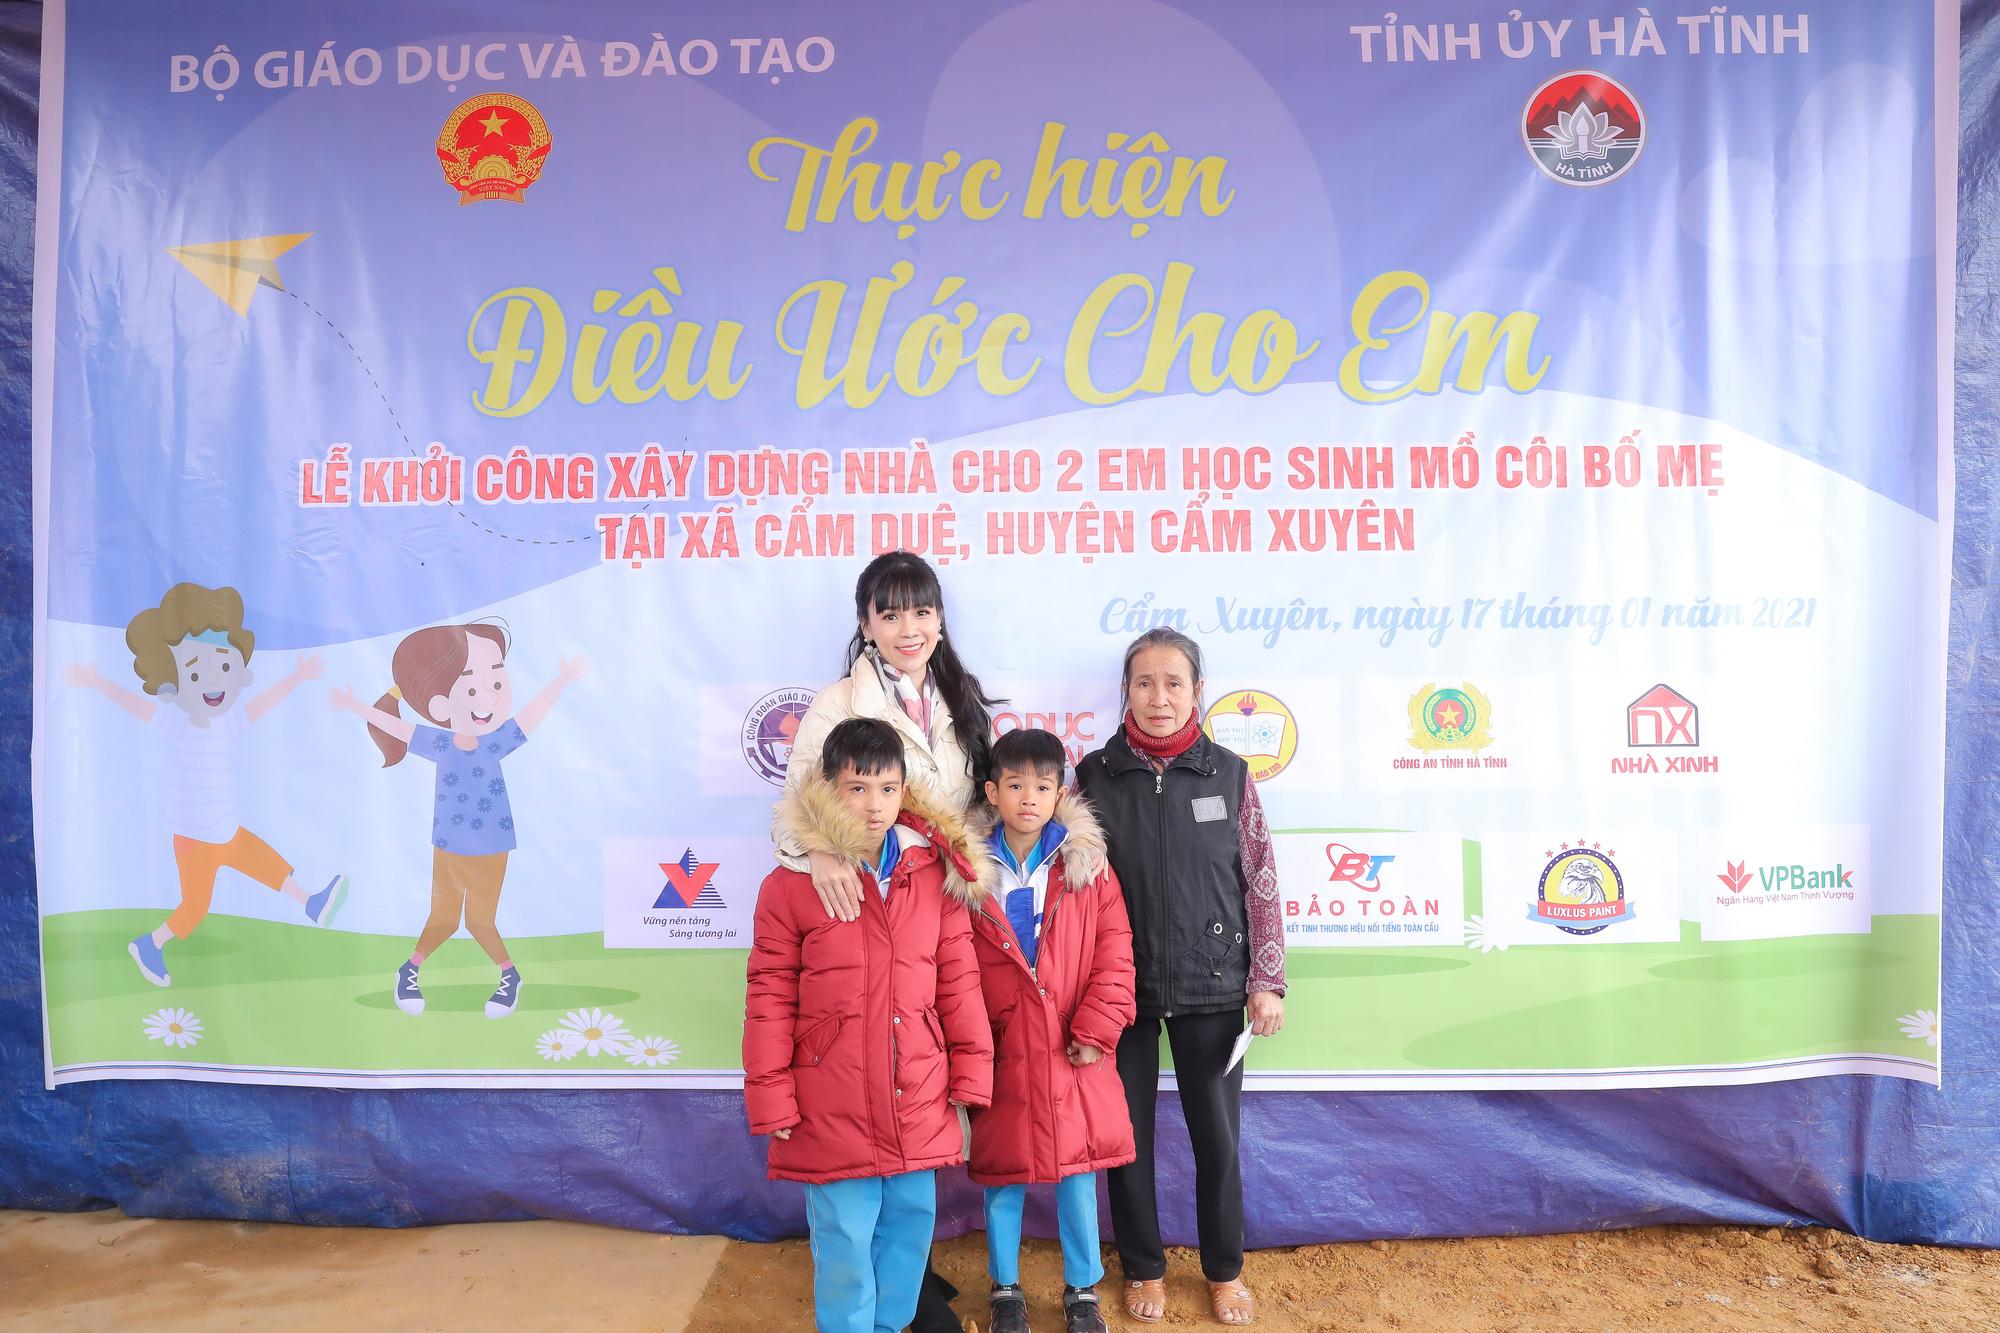 """Hoa hậu Doanh nhân Phạm Bích Thủy chung tay viết nên """"Điều ước cho em"""" - Ảnh 2."""